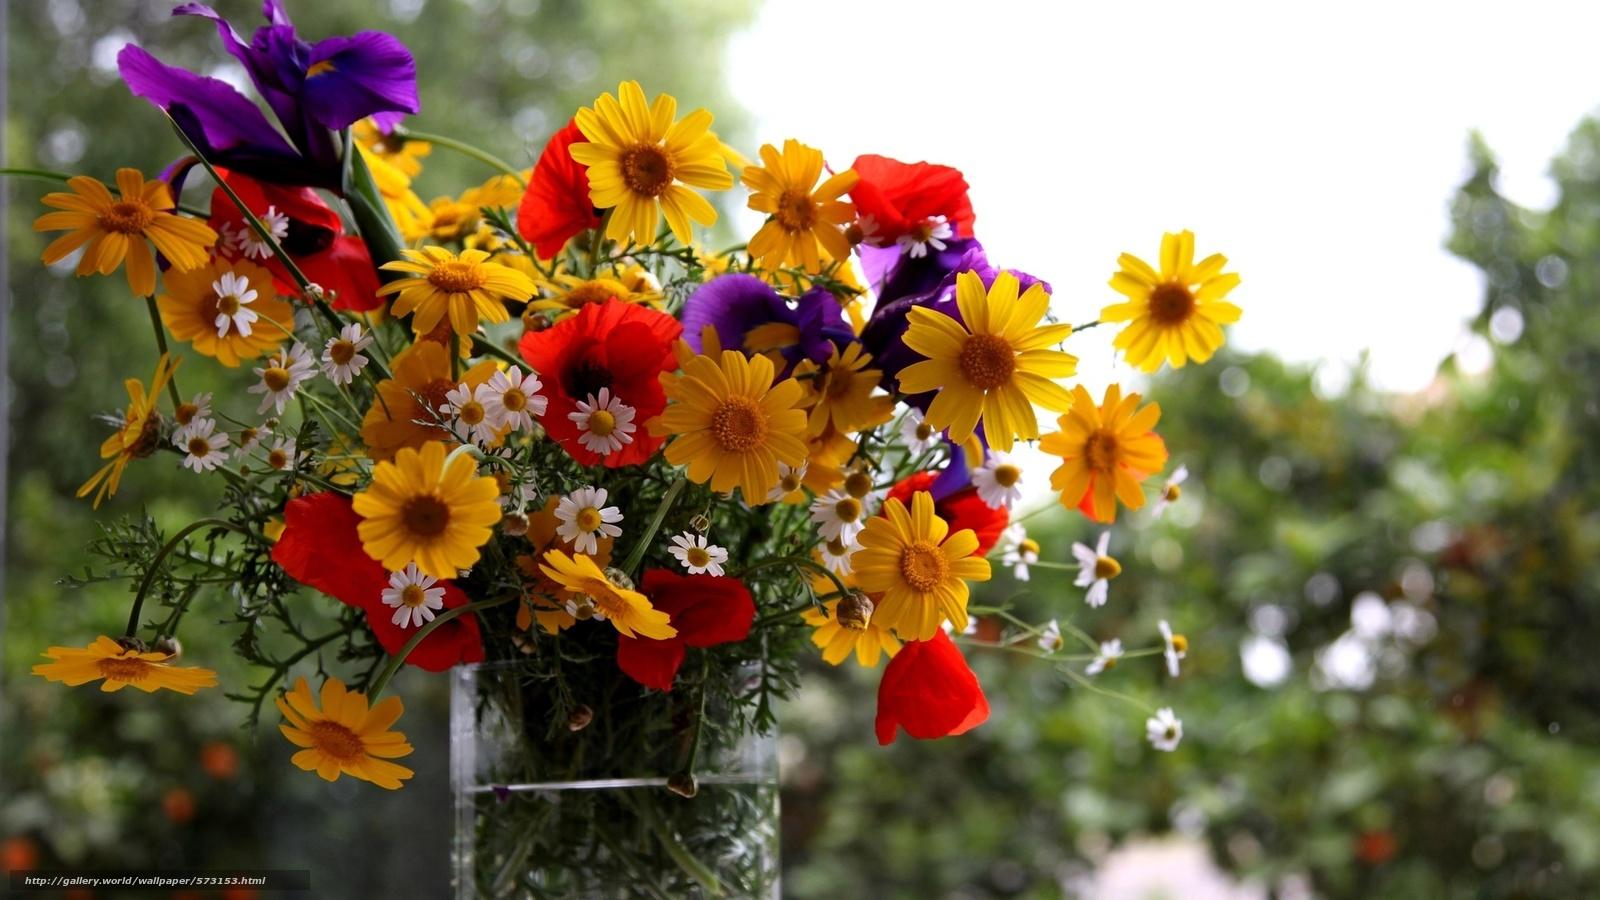 Tlcharger fond d 39 ecran vase fleurs t bouquet fonds d for Fond ecran gratuit ete